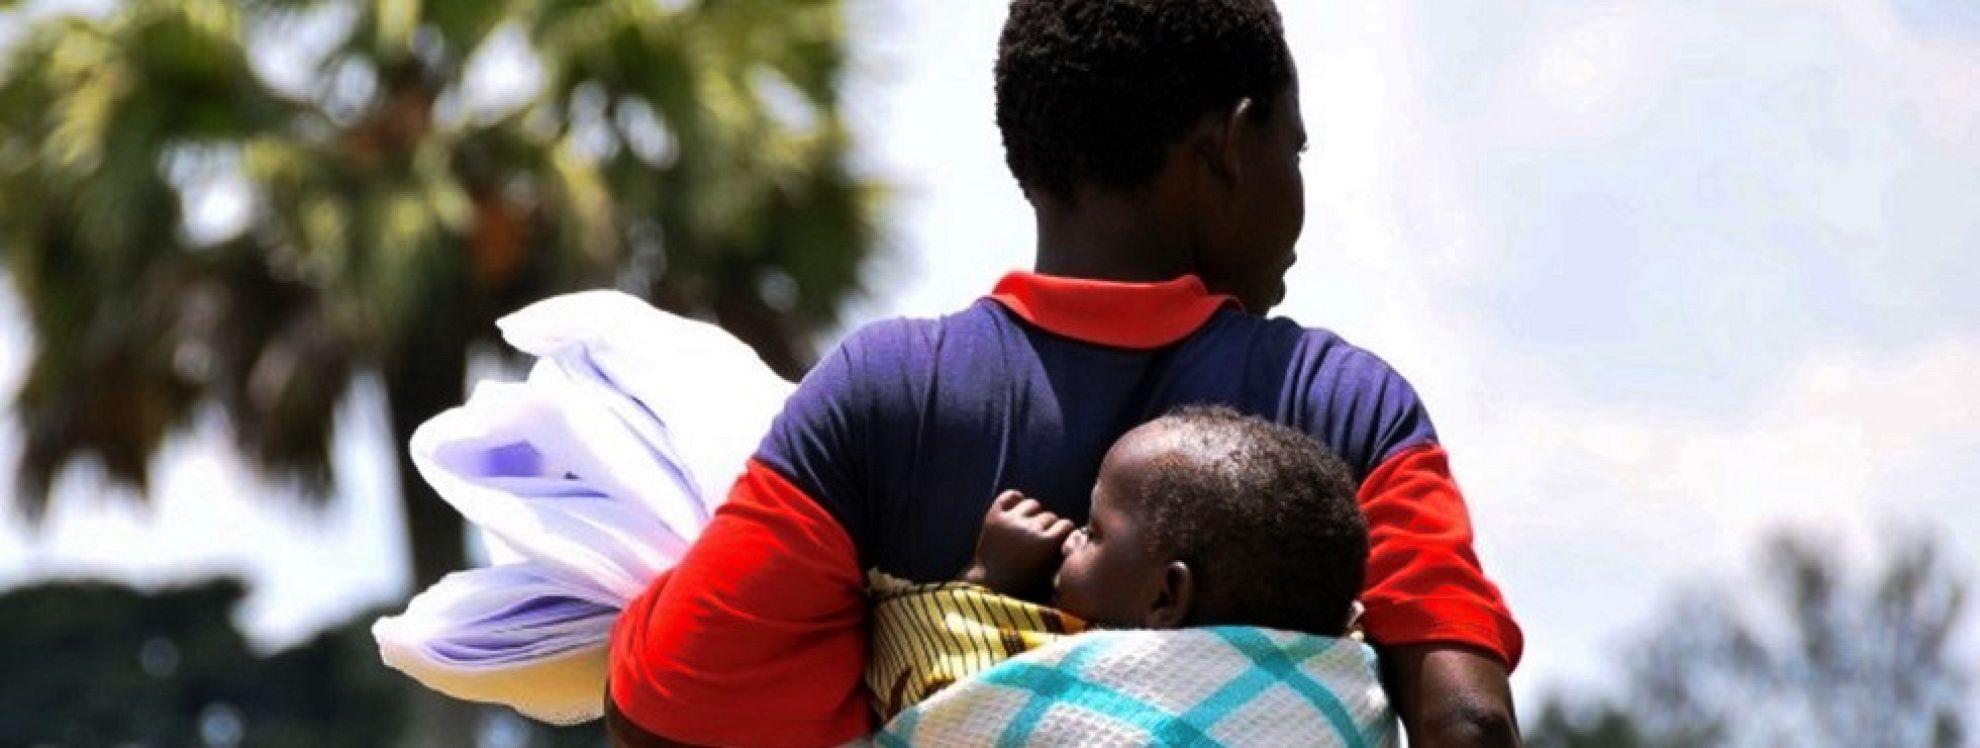 Latest News Malaria consortium to lead usaid pmi malaria project in uganda